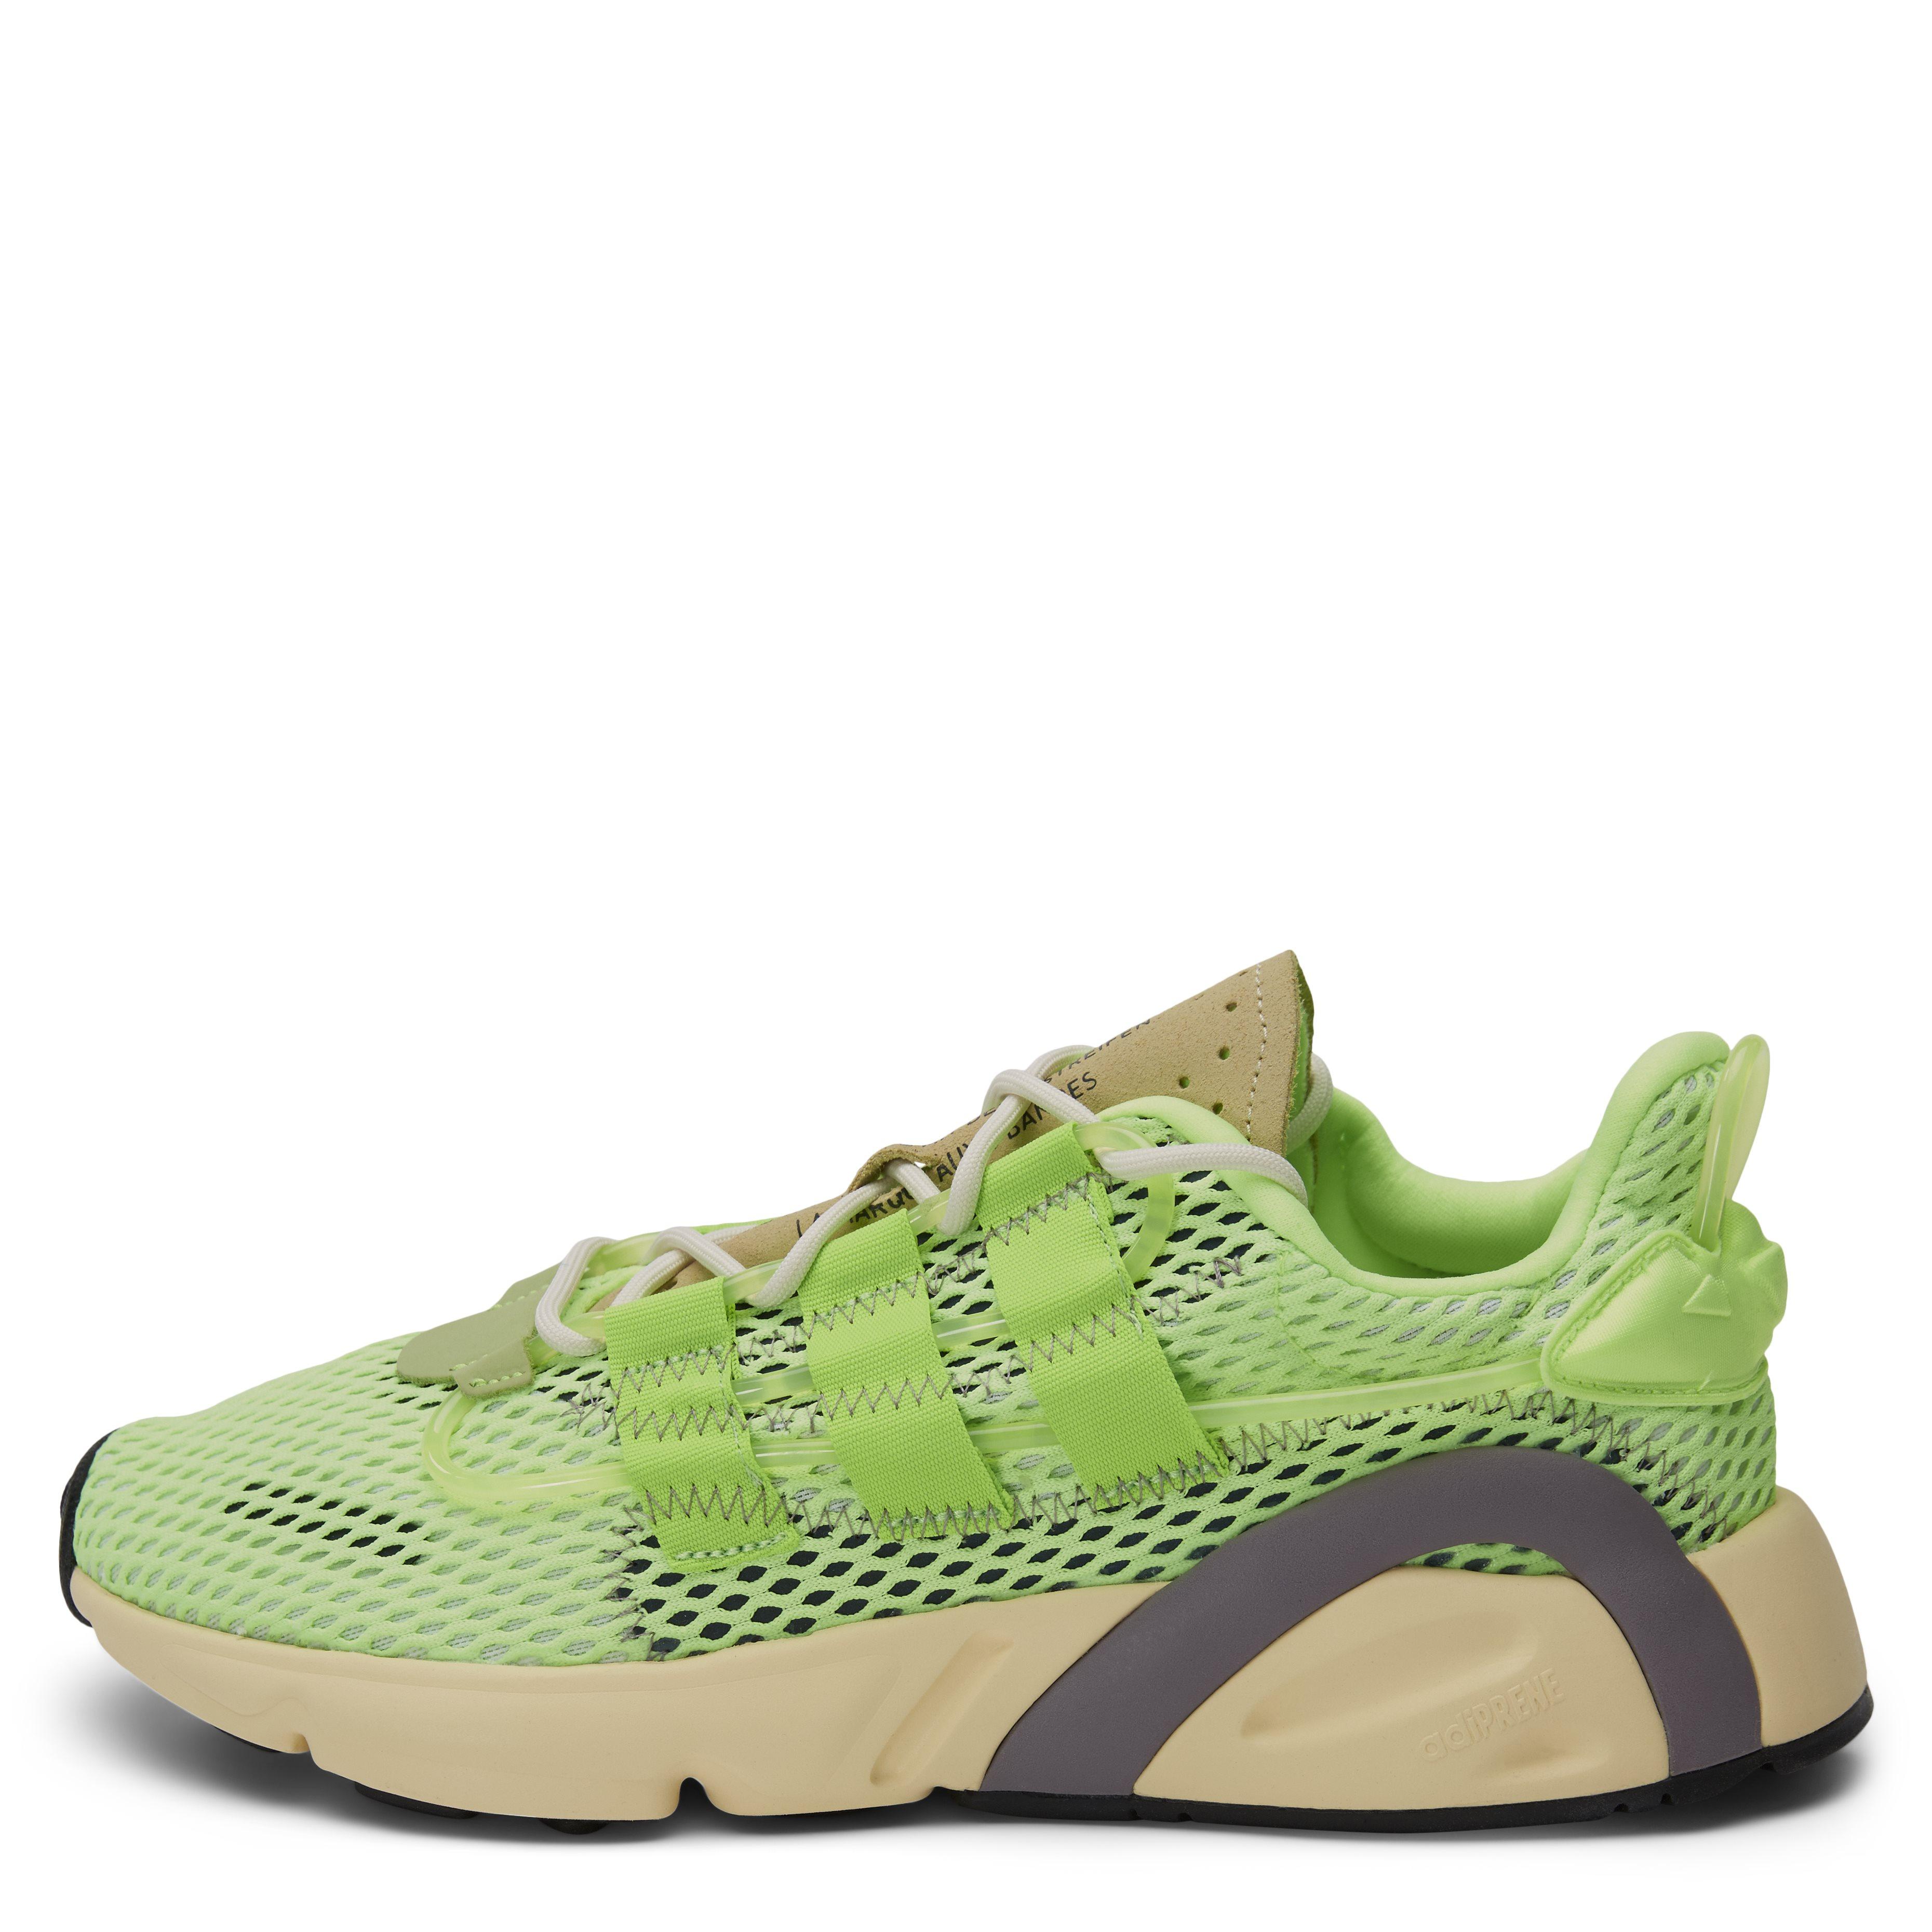 LXCON Sneaker - Sko - Grøn